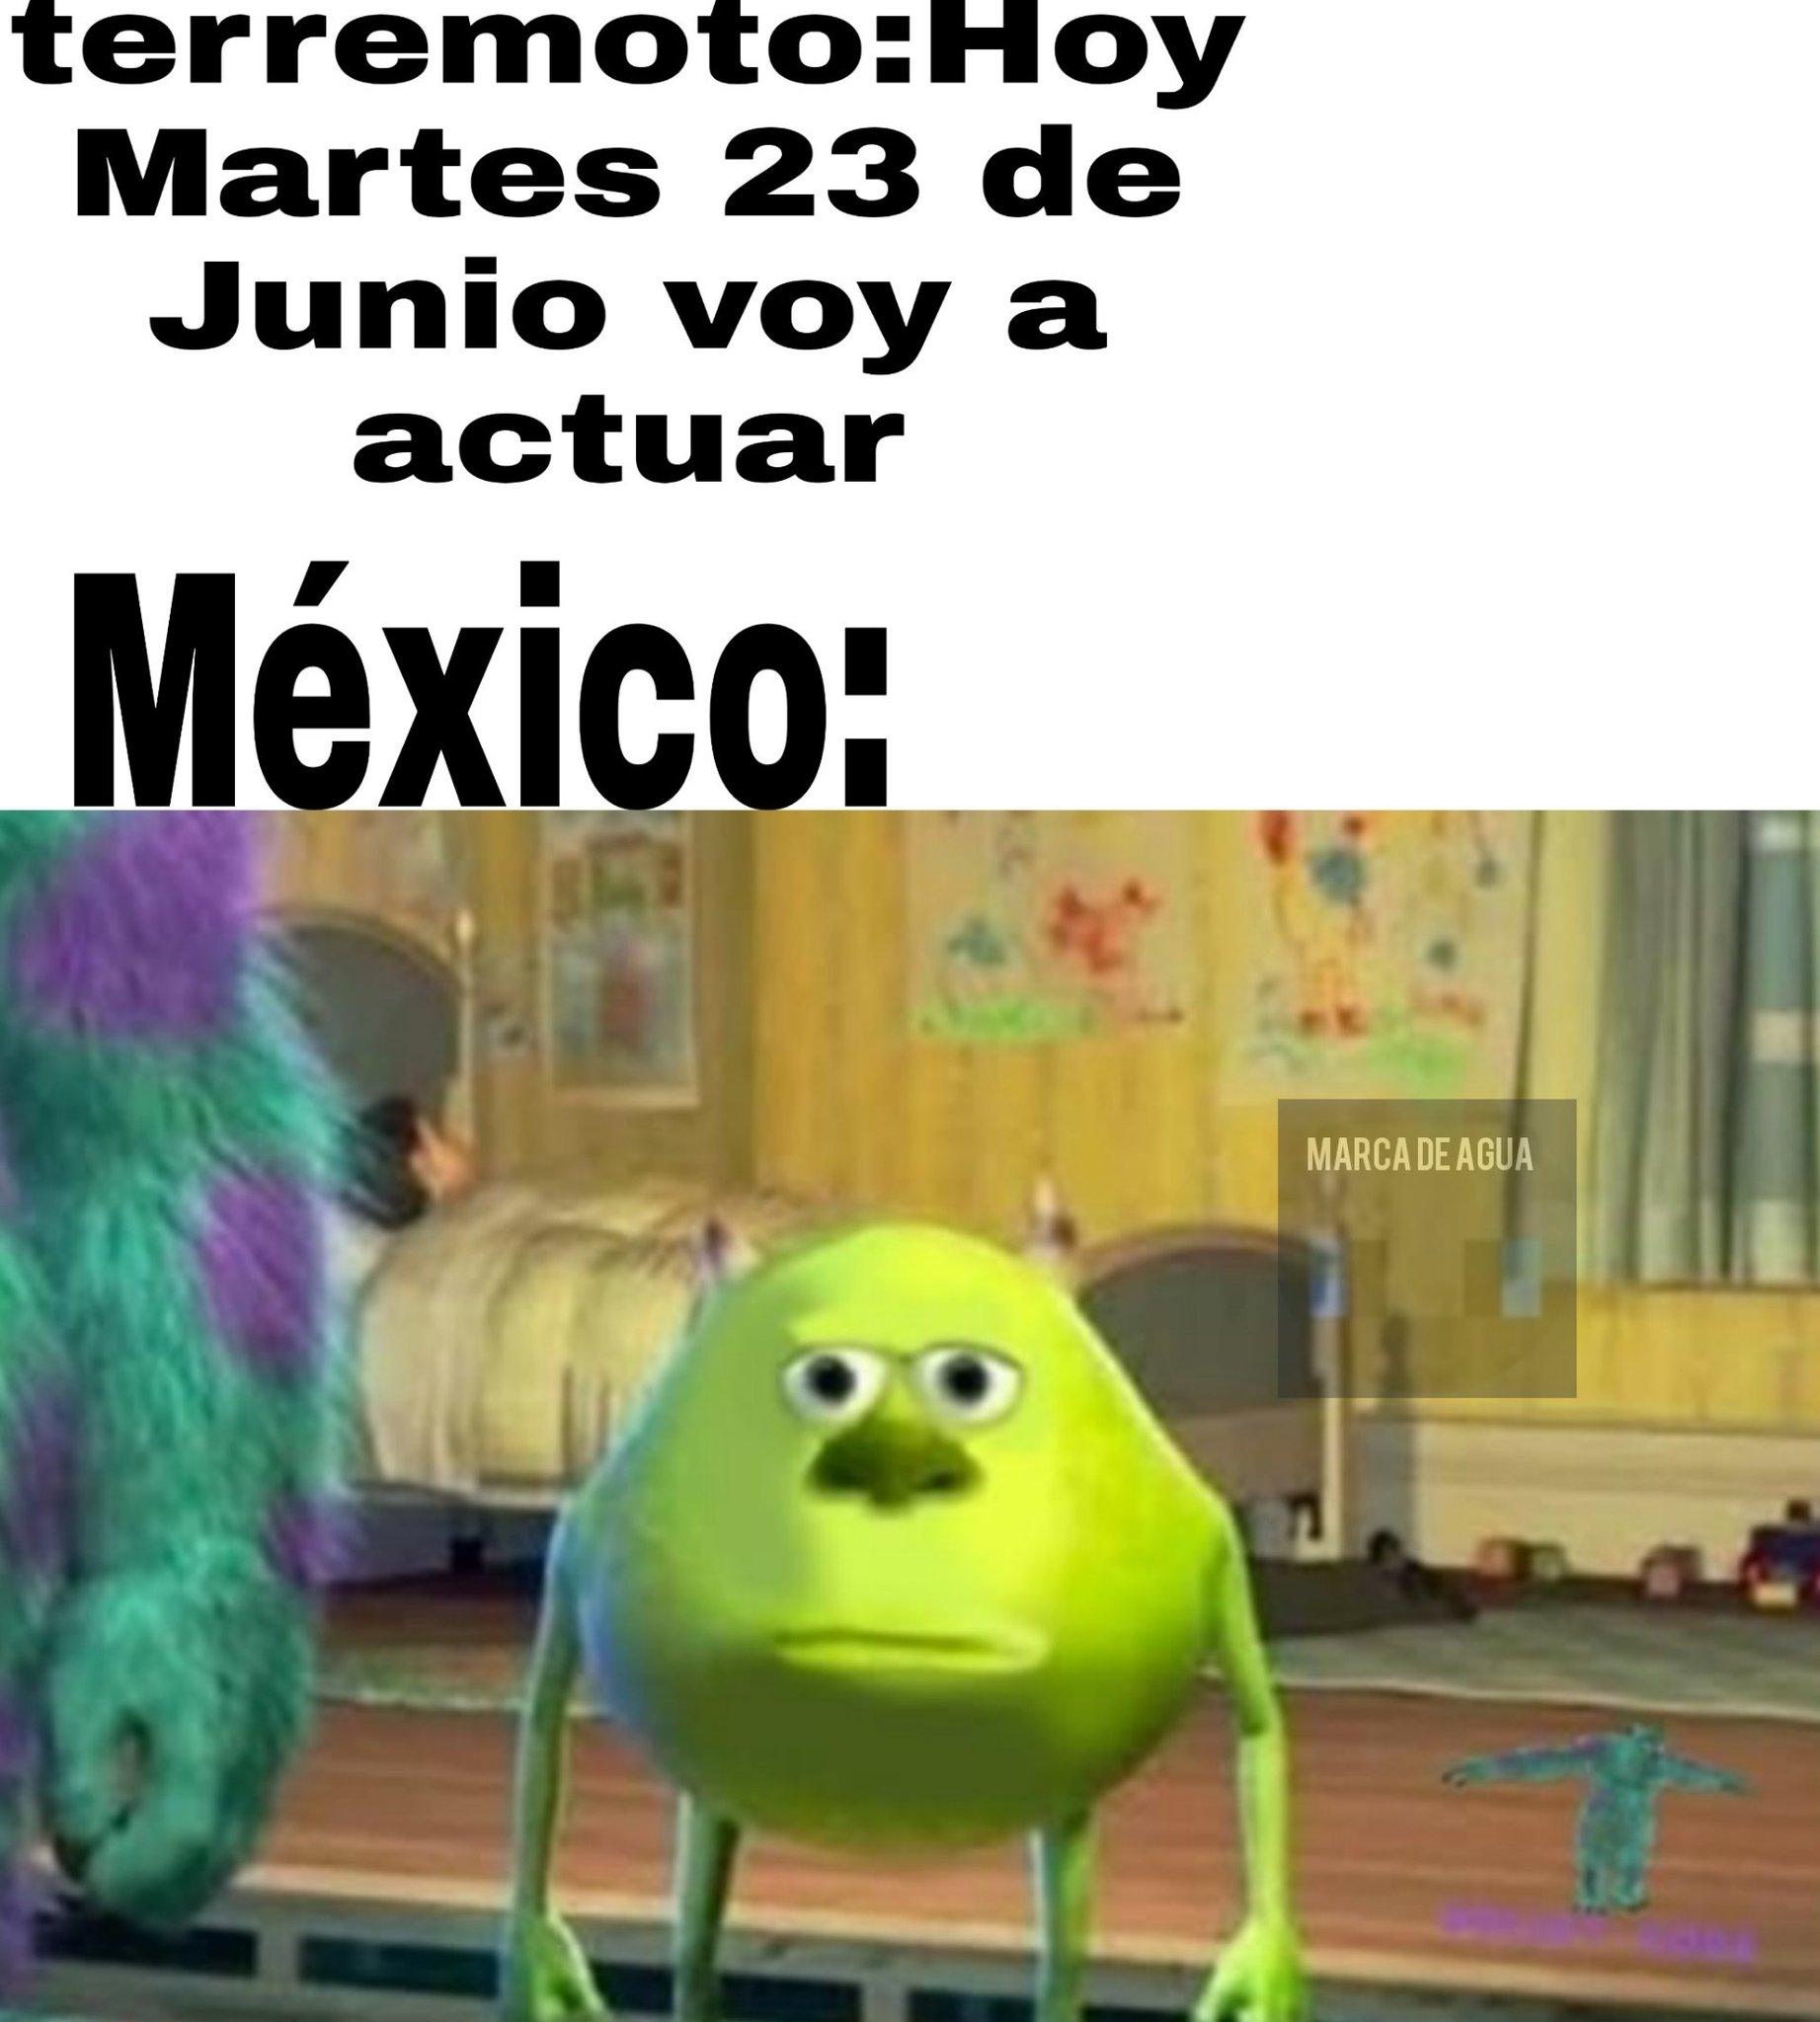 Mexico en el nuevo terremoto - meme